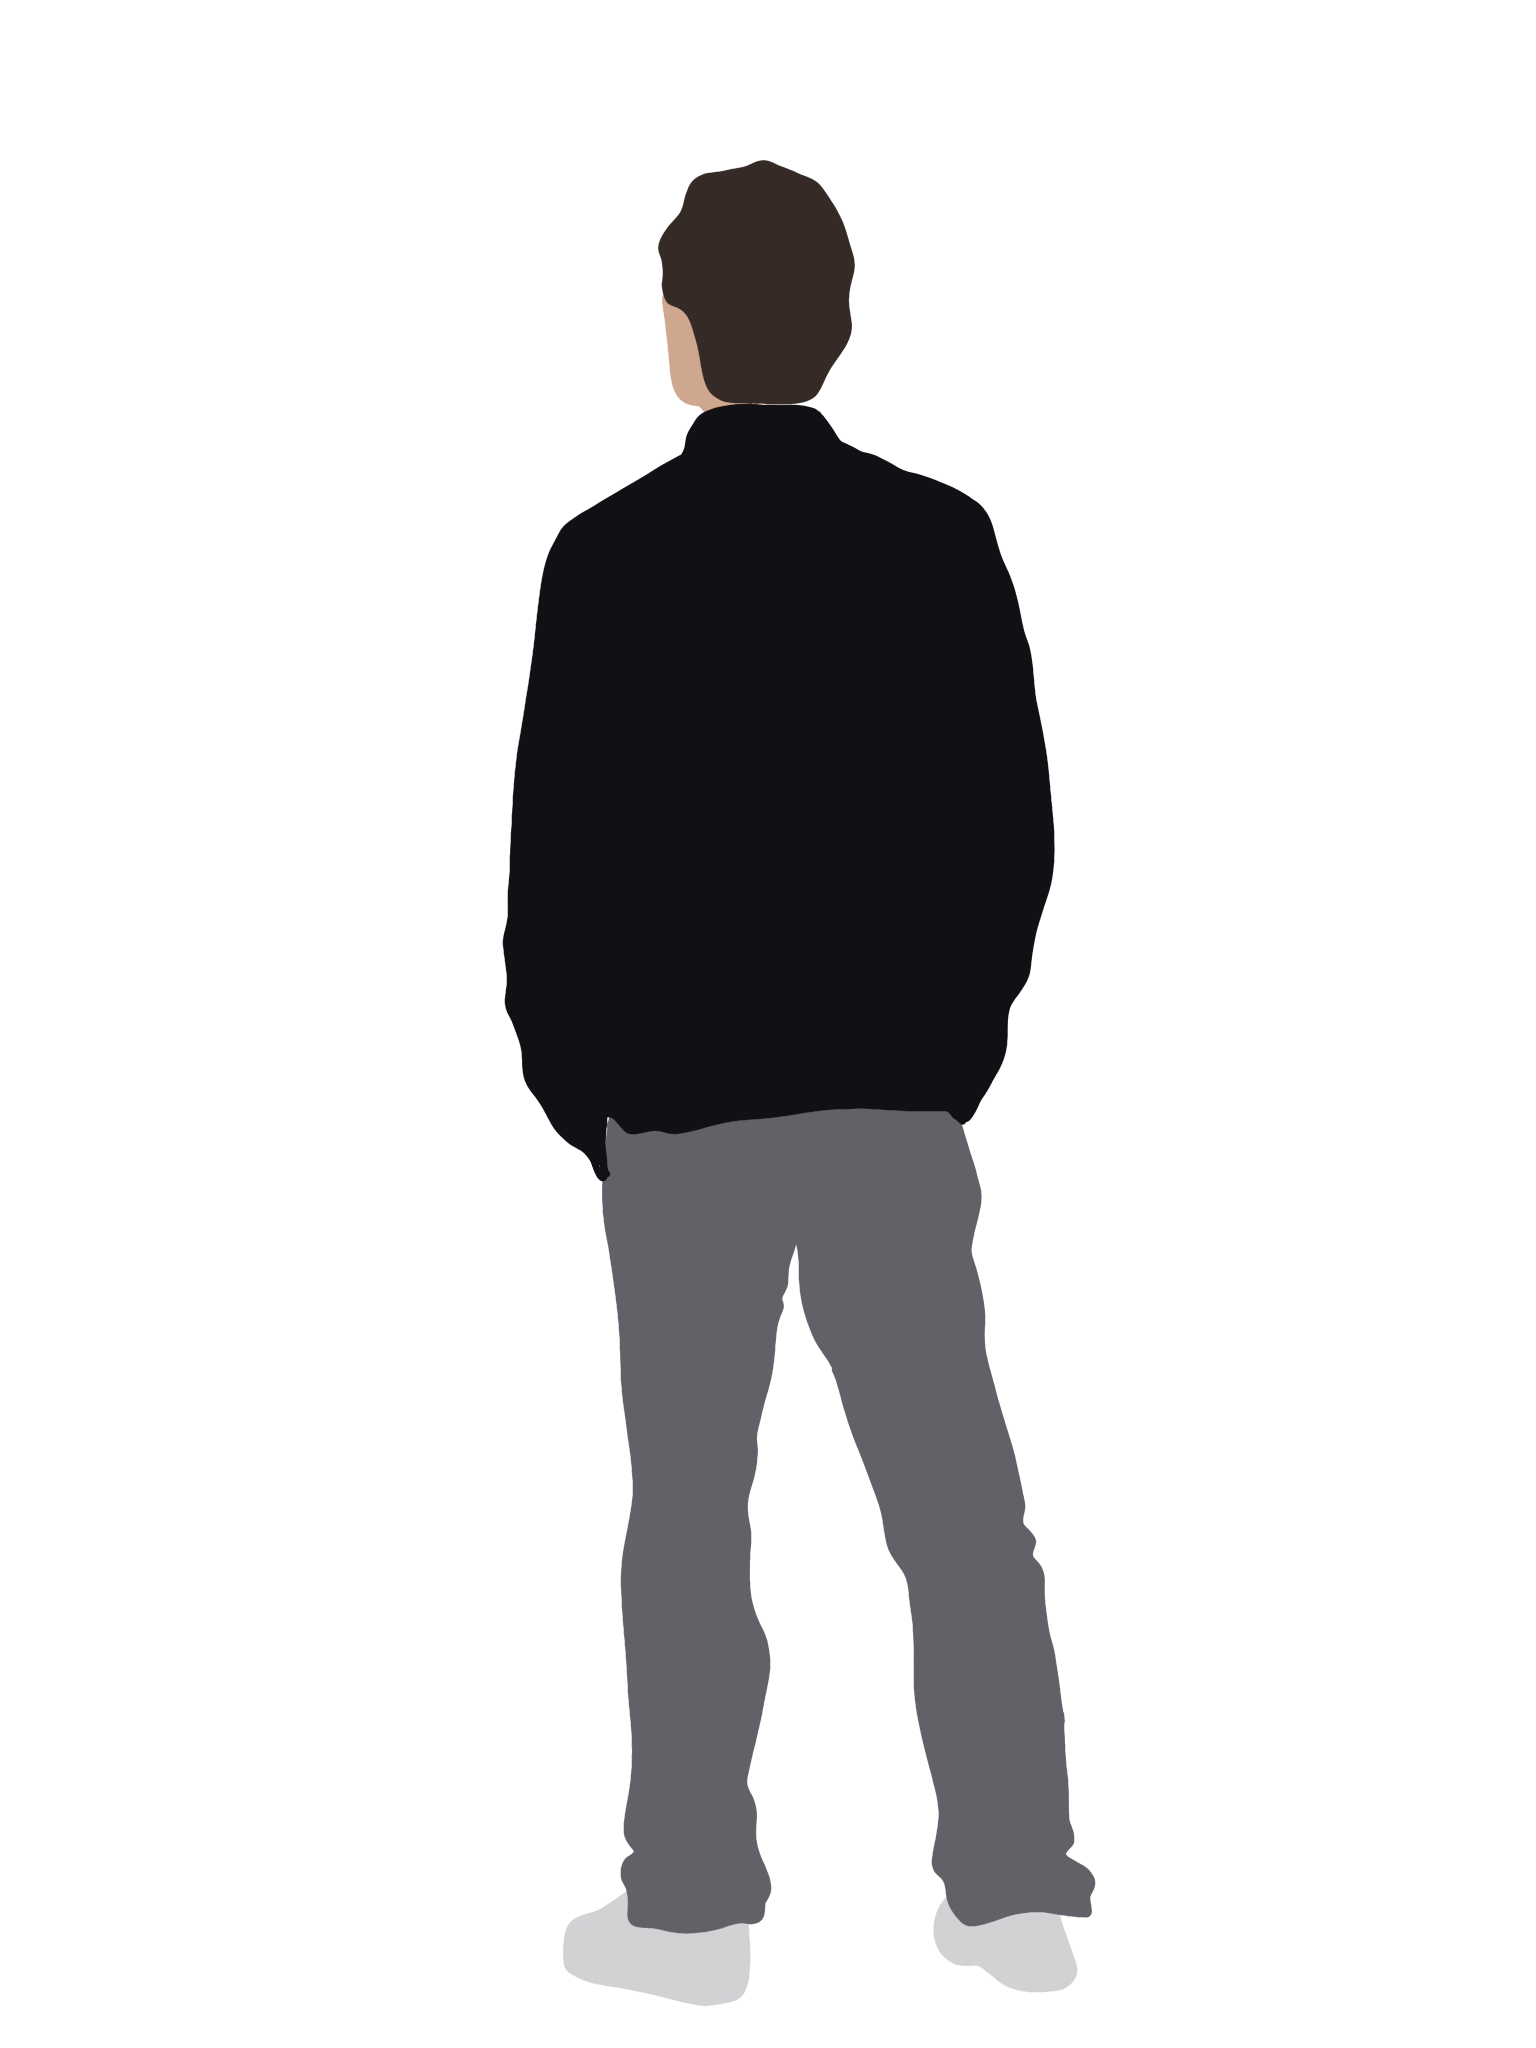 People Flat Illustration On Behance People Illustration Silhouette People Render People